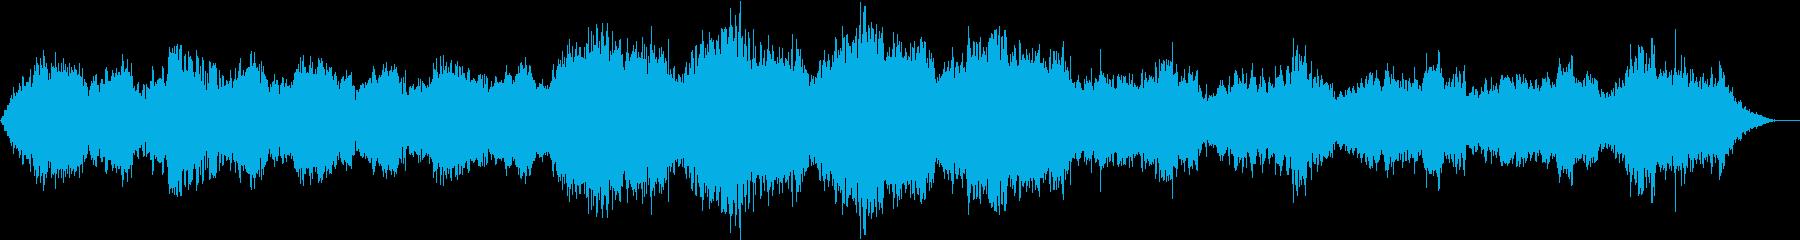 浮遊感のある不思議なホラー曲の再生済みの波形